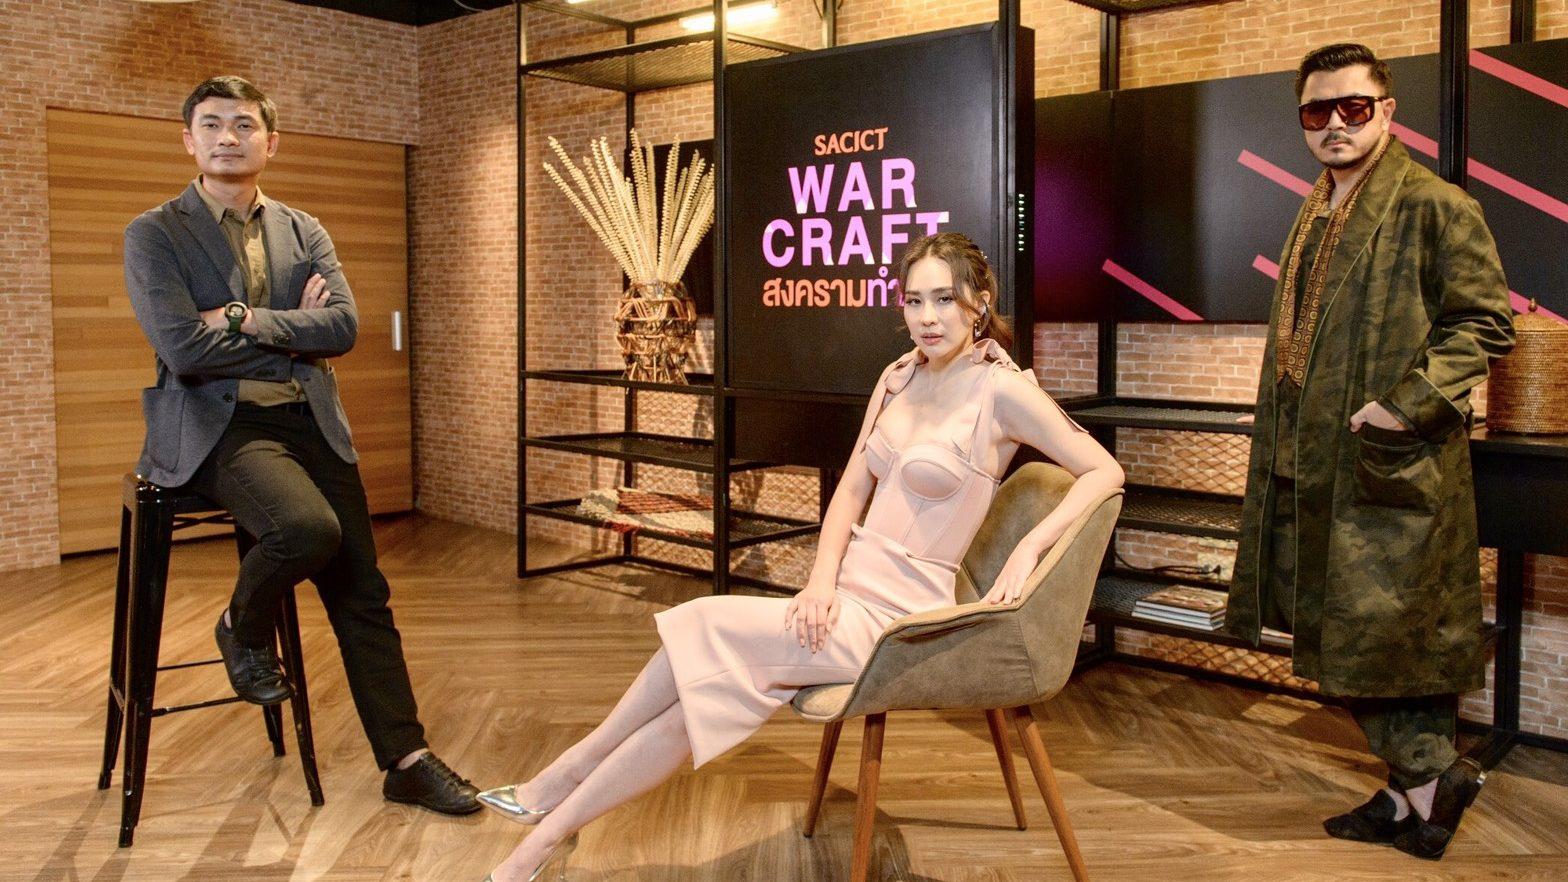 SACICT WAR CRAFT สงครามทำมือ